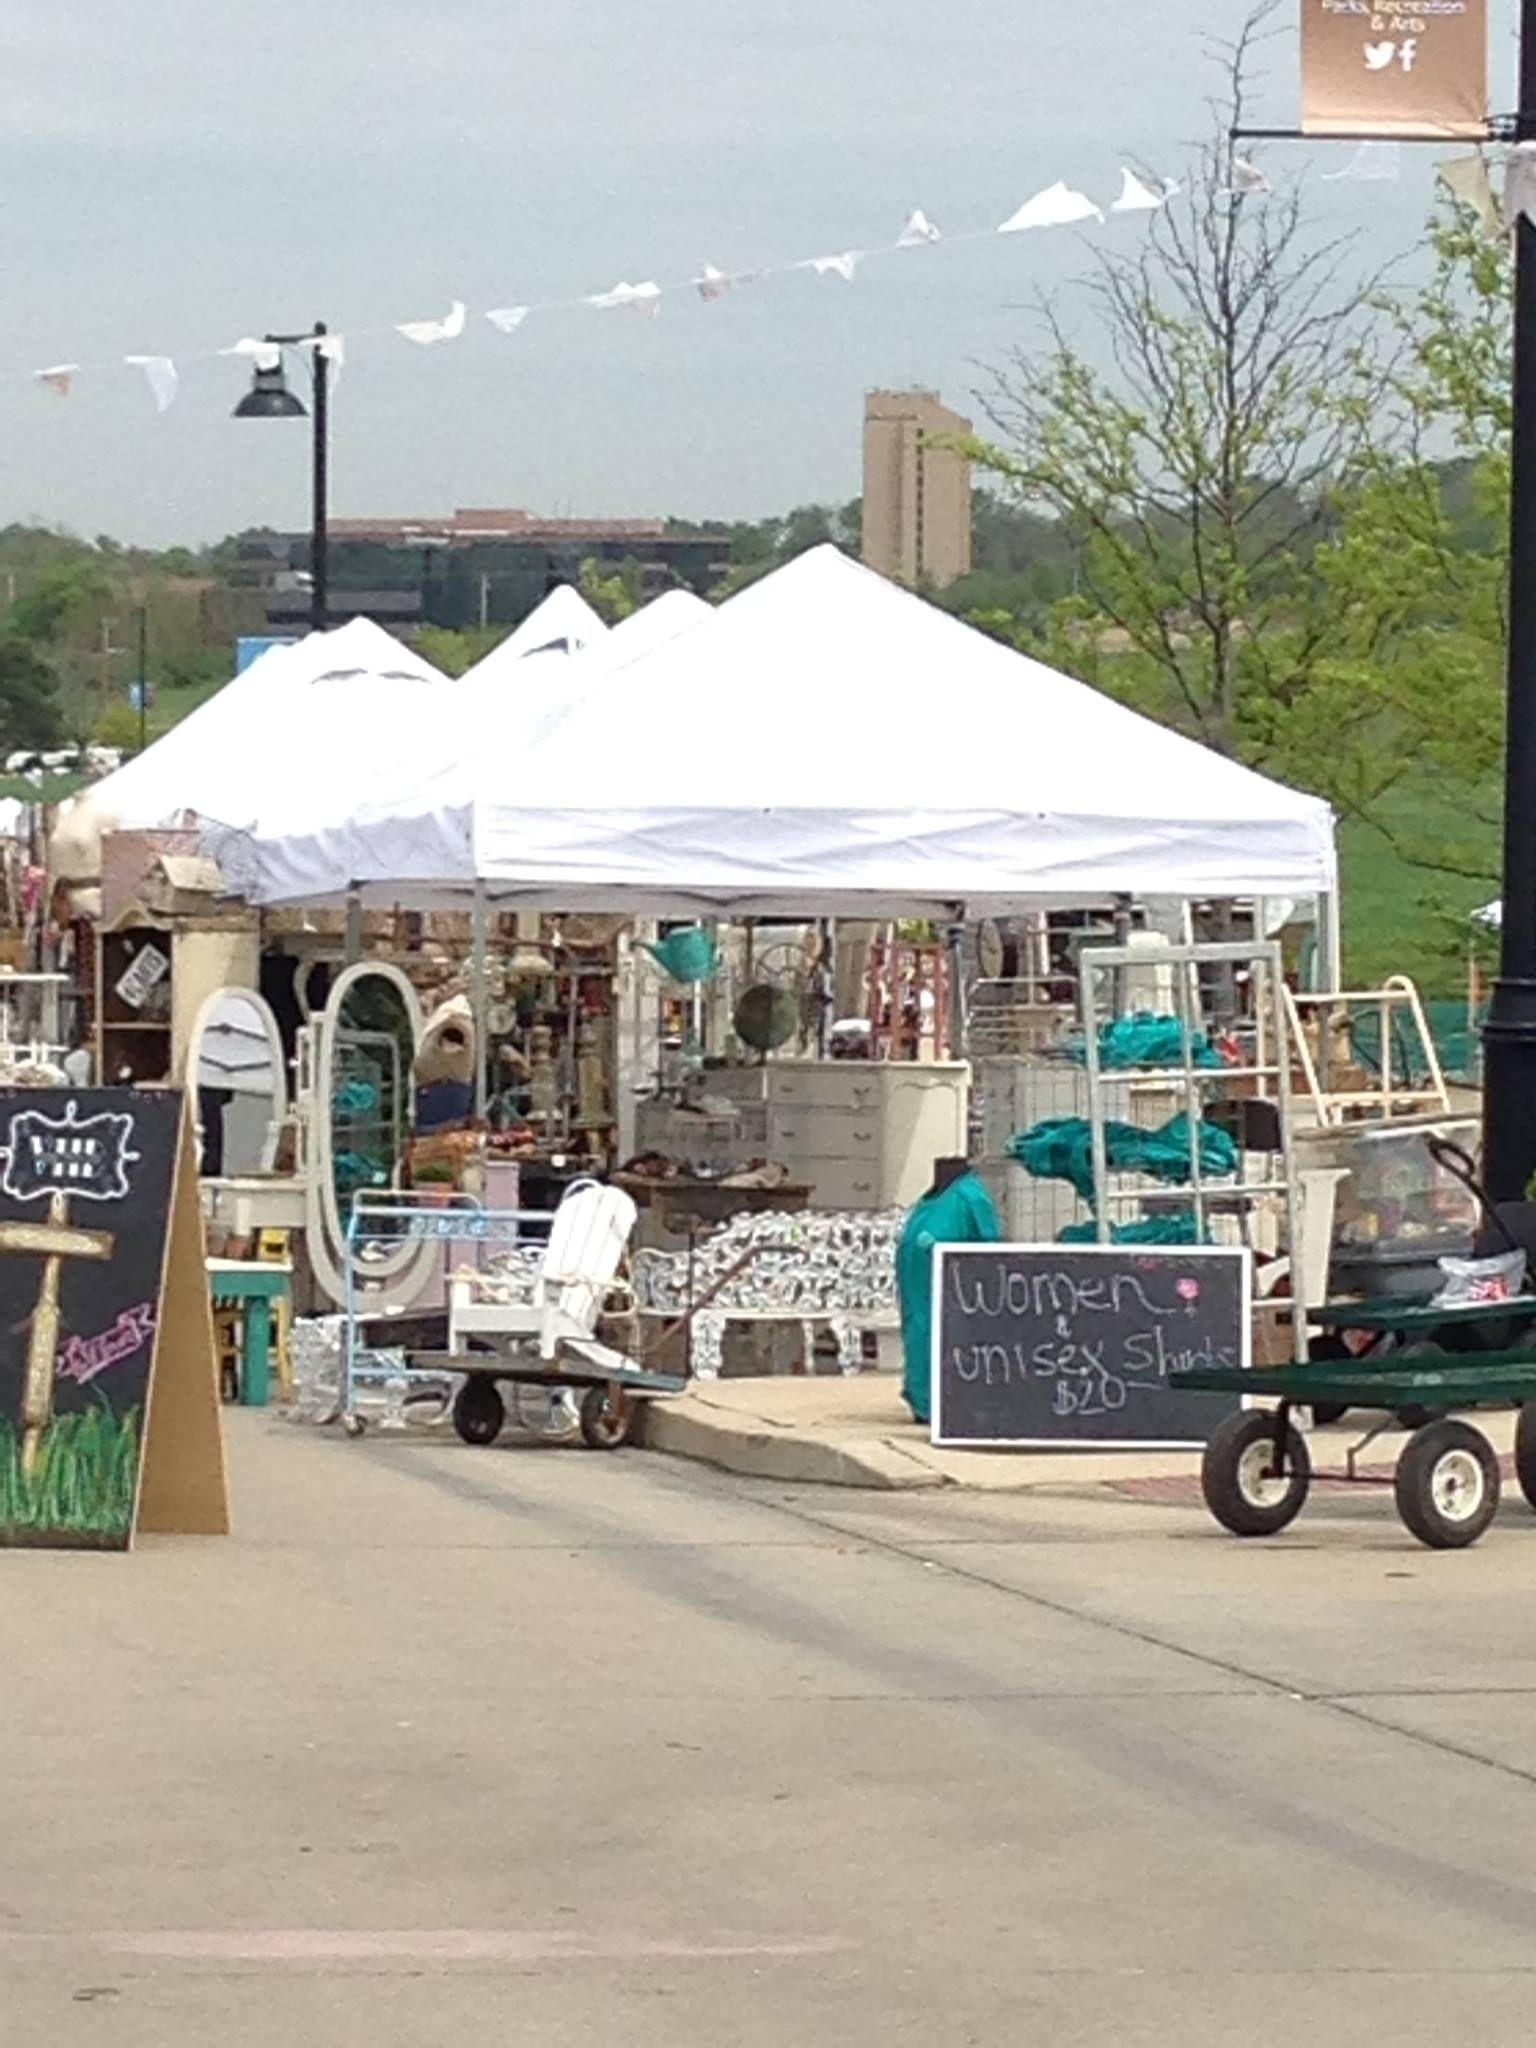 St. Louis Vintage Market Days April 2015 | Auctions, Markets, Fairs on st louis personal ads, st louis flea market, north jersey garage sales,